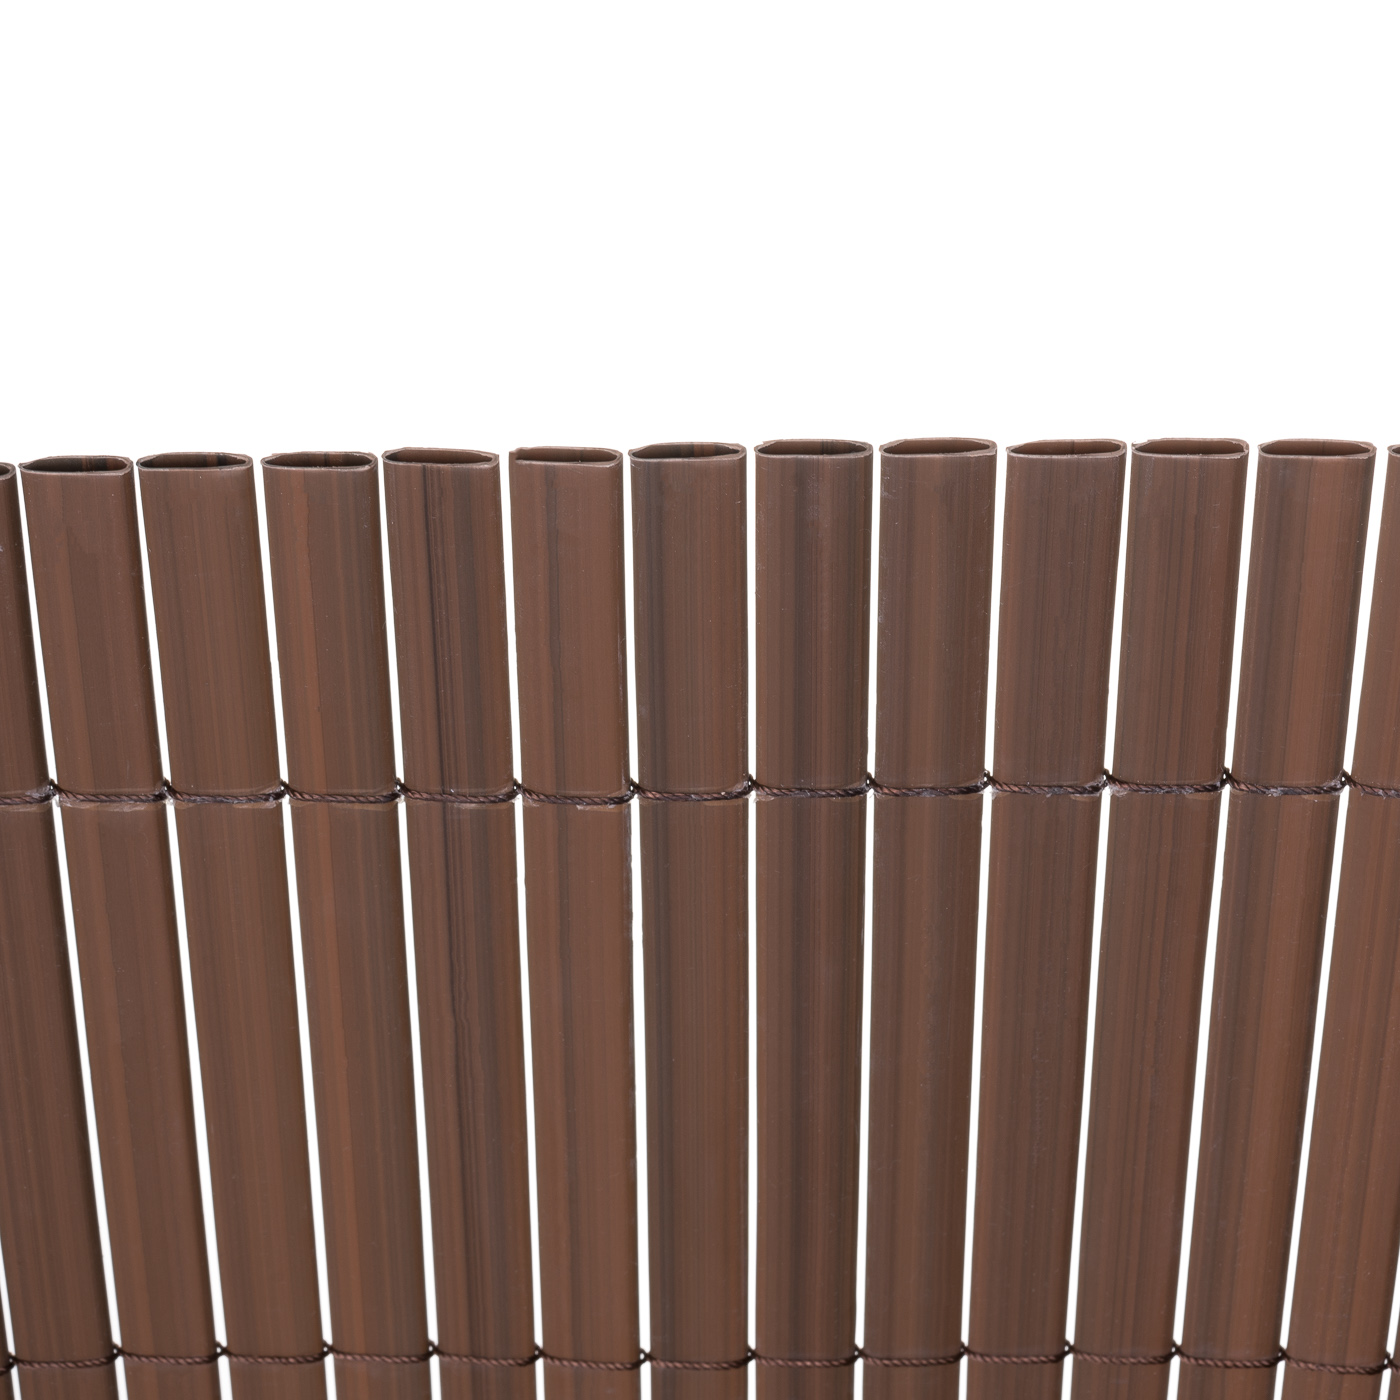 Sichtschutzmatte Pvc Sichtschutzzaun Windschutz Grau Braun Bambus